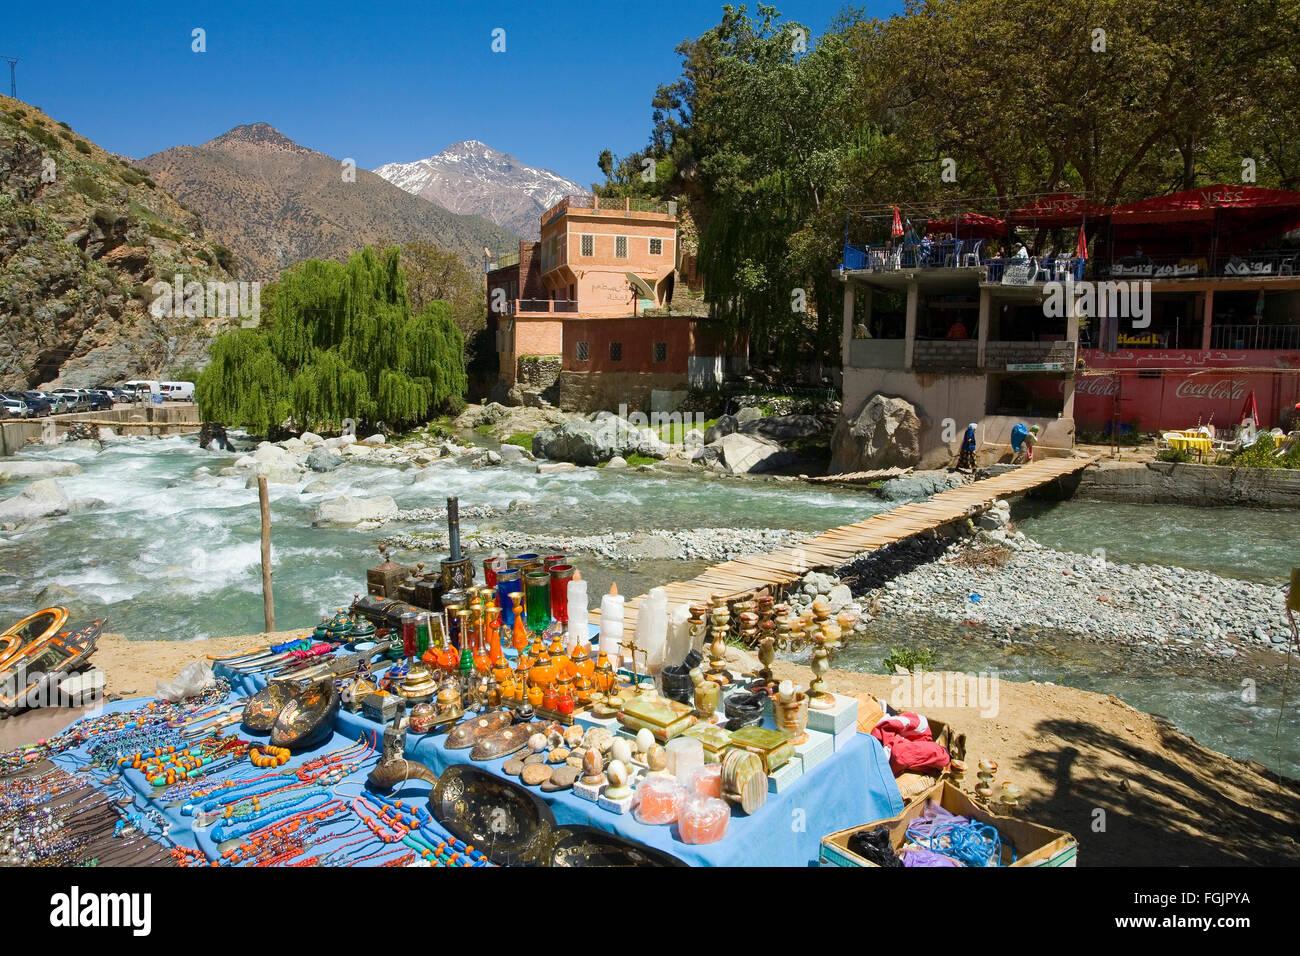 Fluss-Szene im Dorf von Setti Fatma im Ourika Tal Stockbild